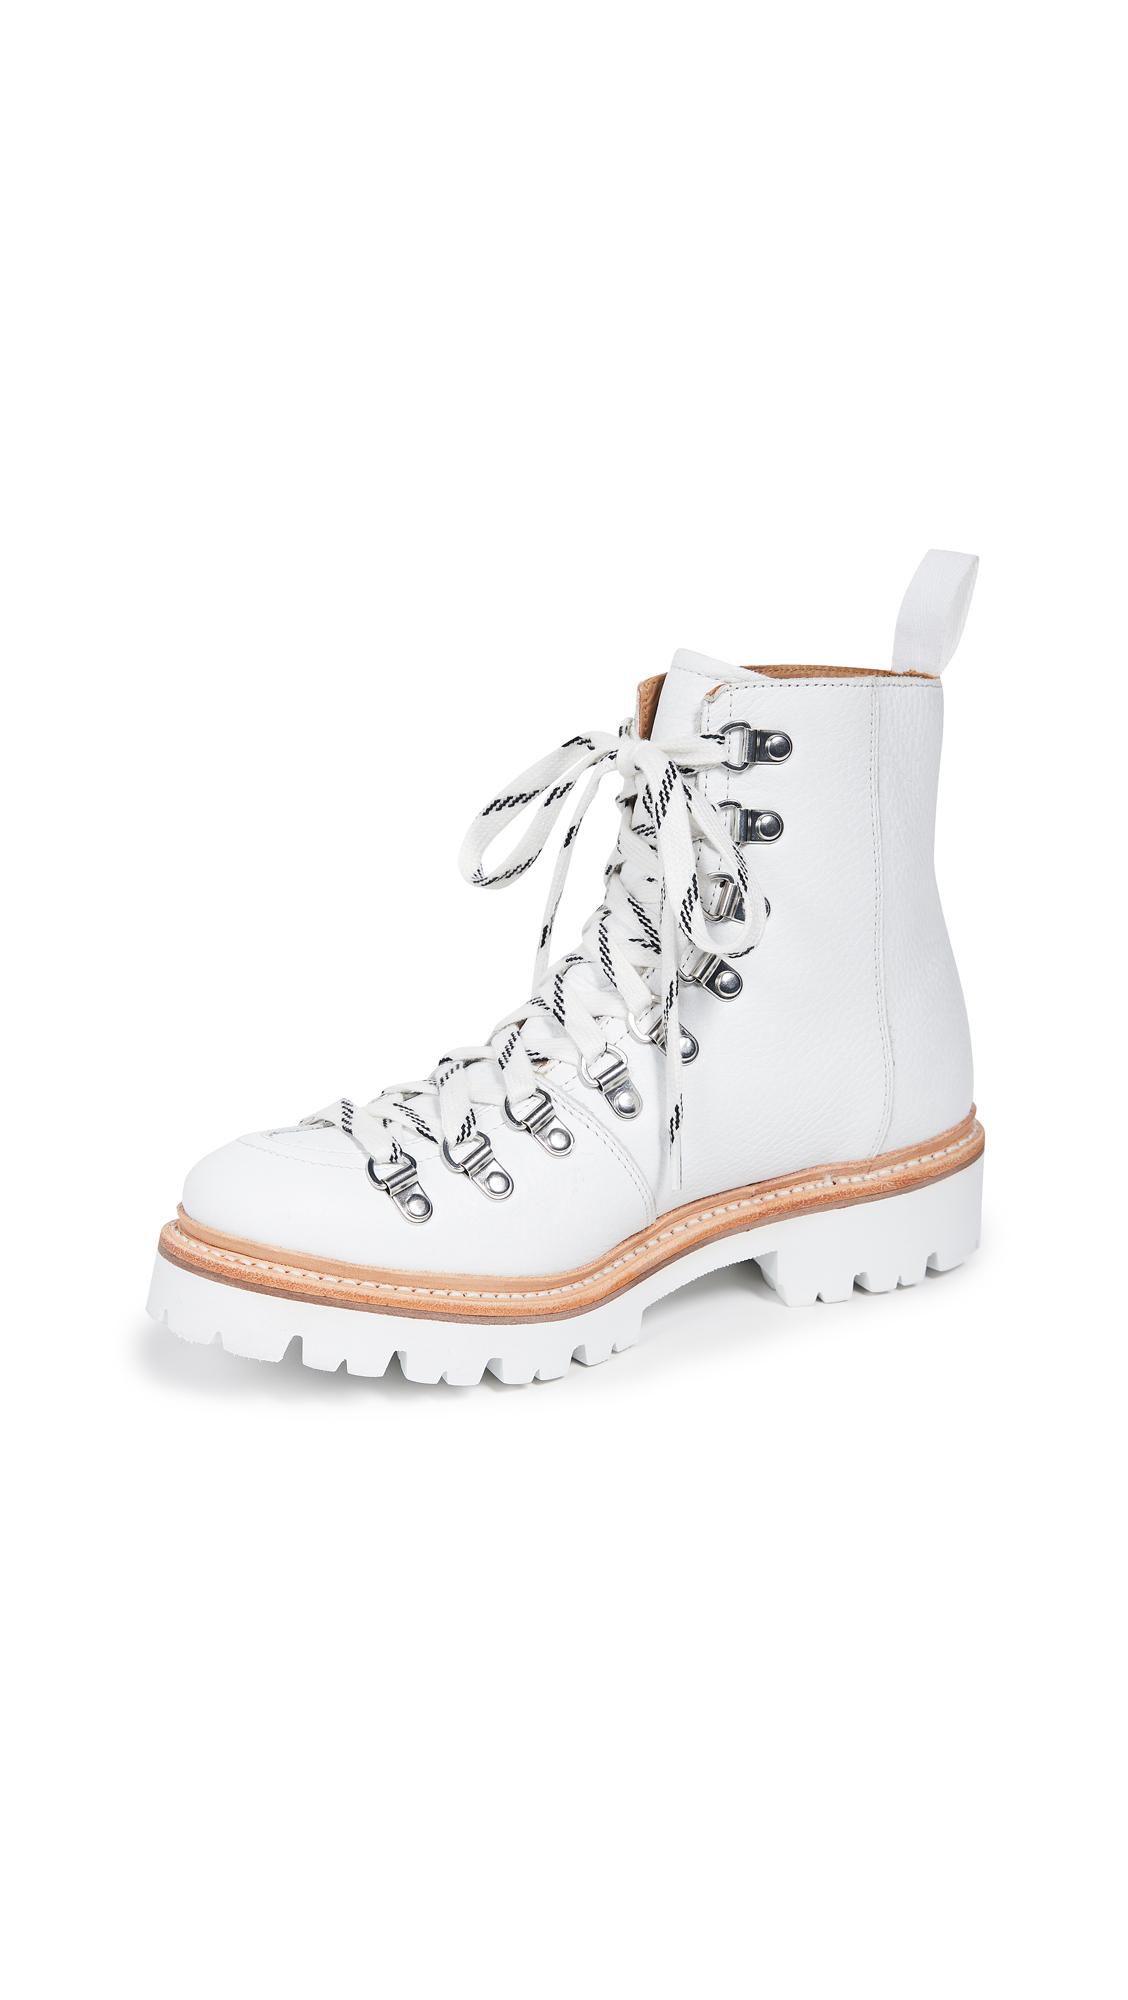 Grenson Nanette Boots - White Softie